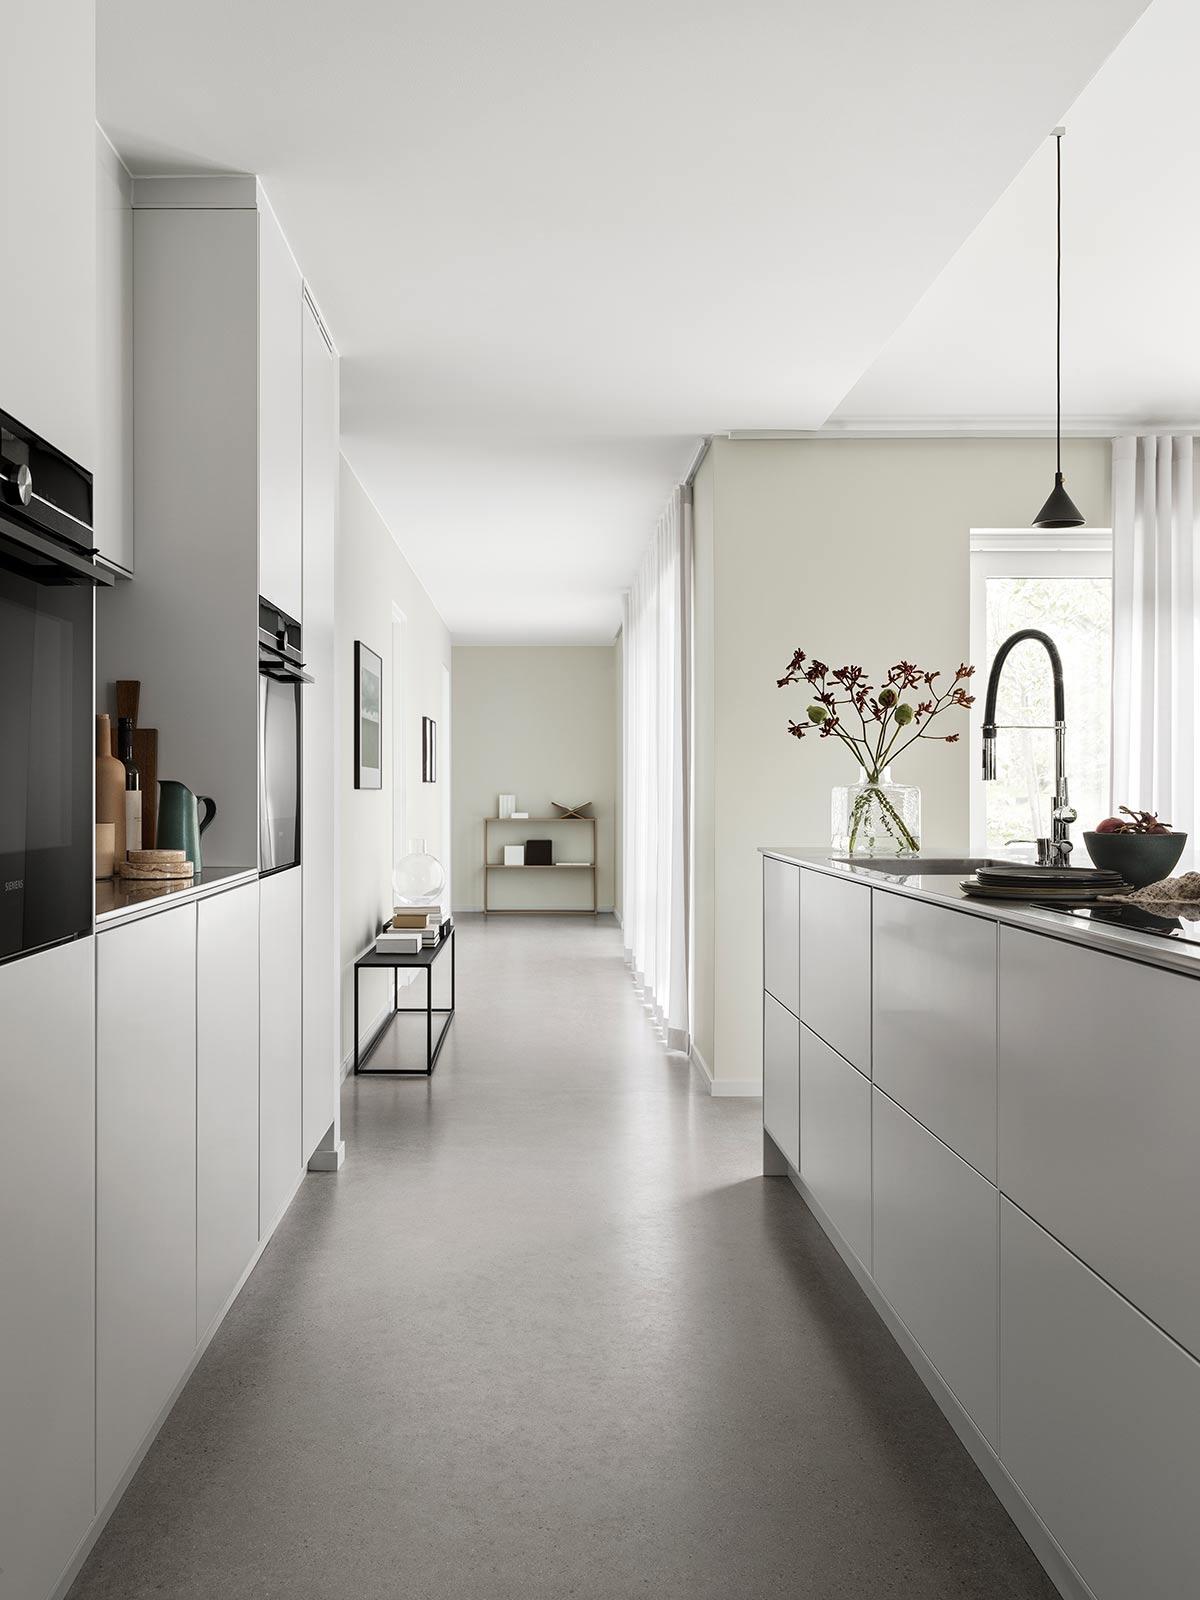 Lys grå moderne kjøkkeninnredning